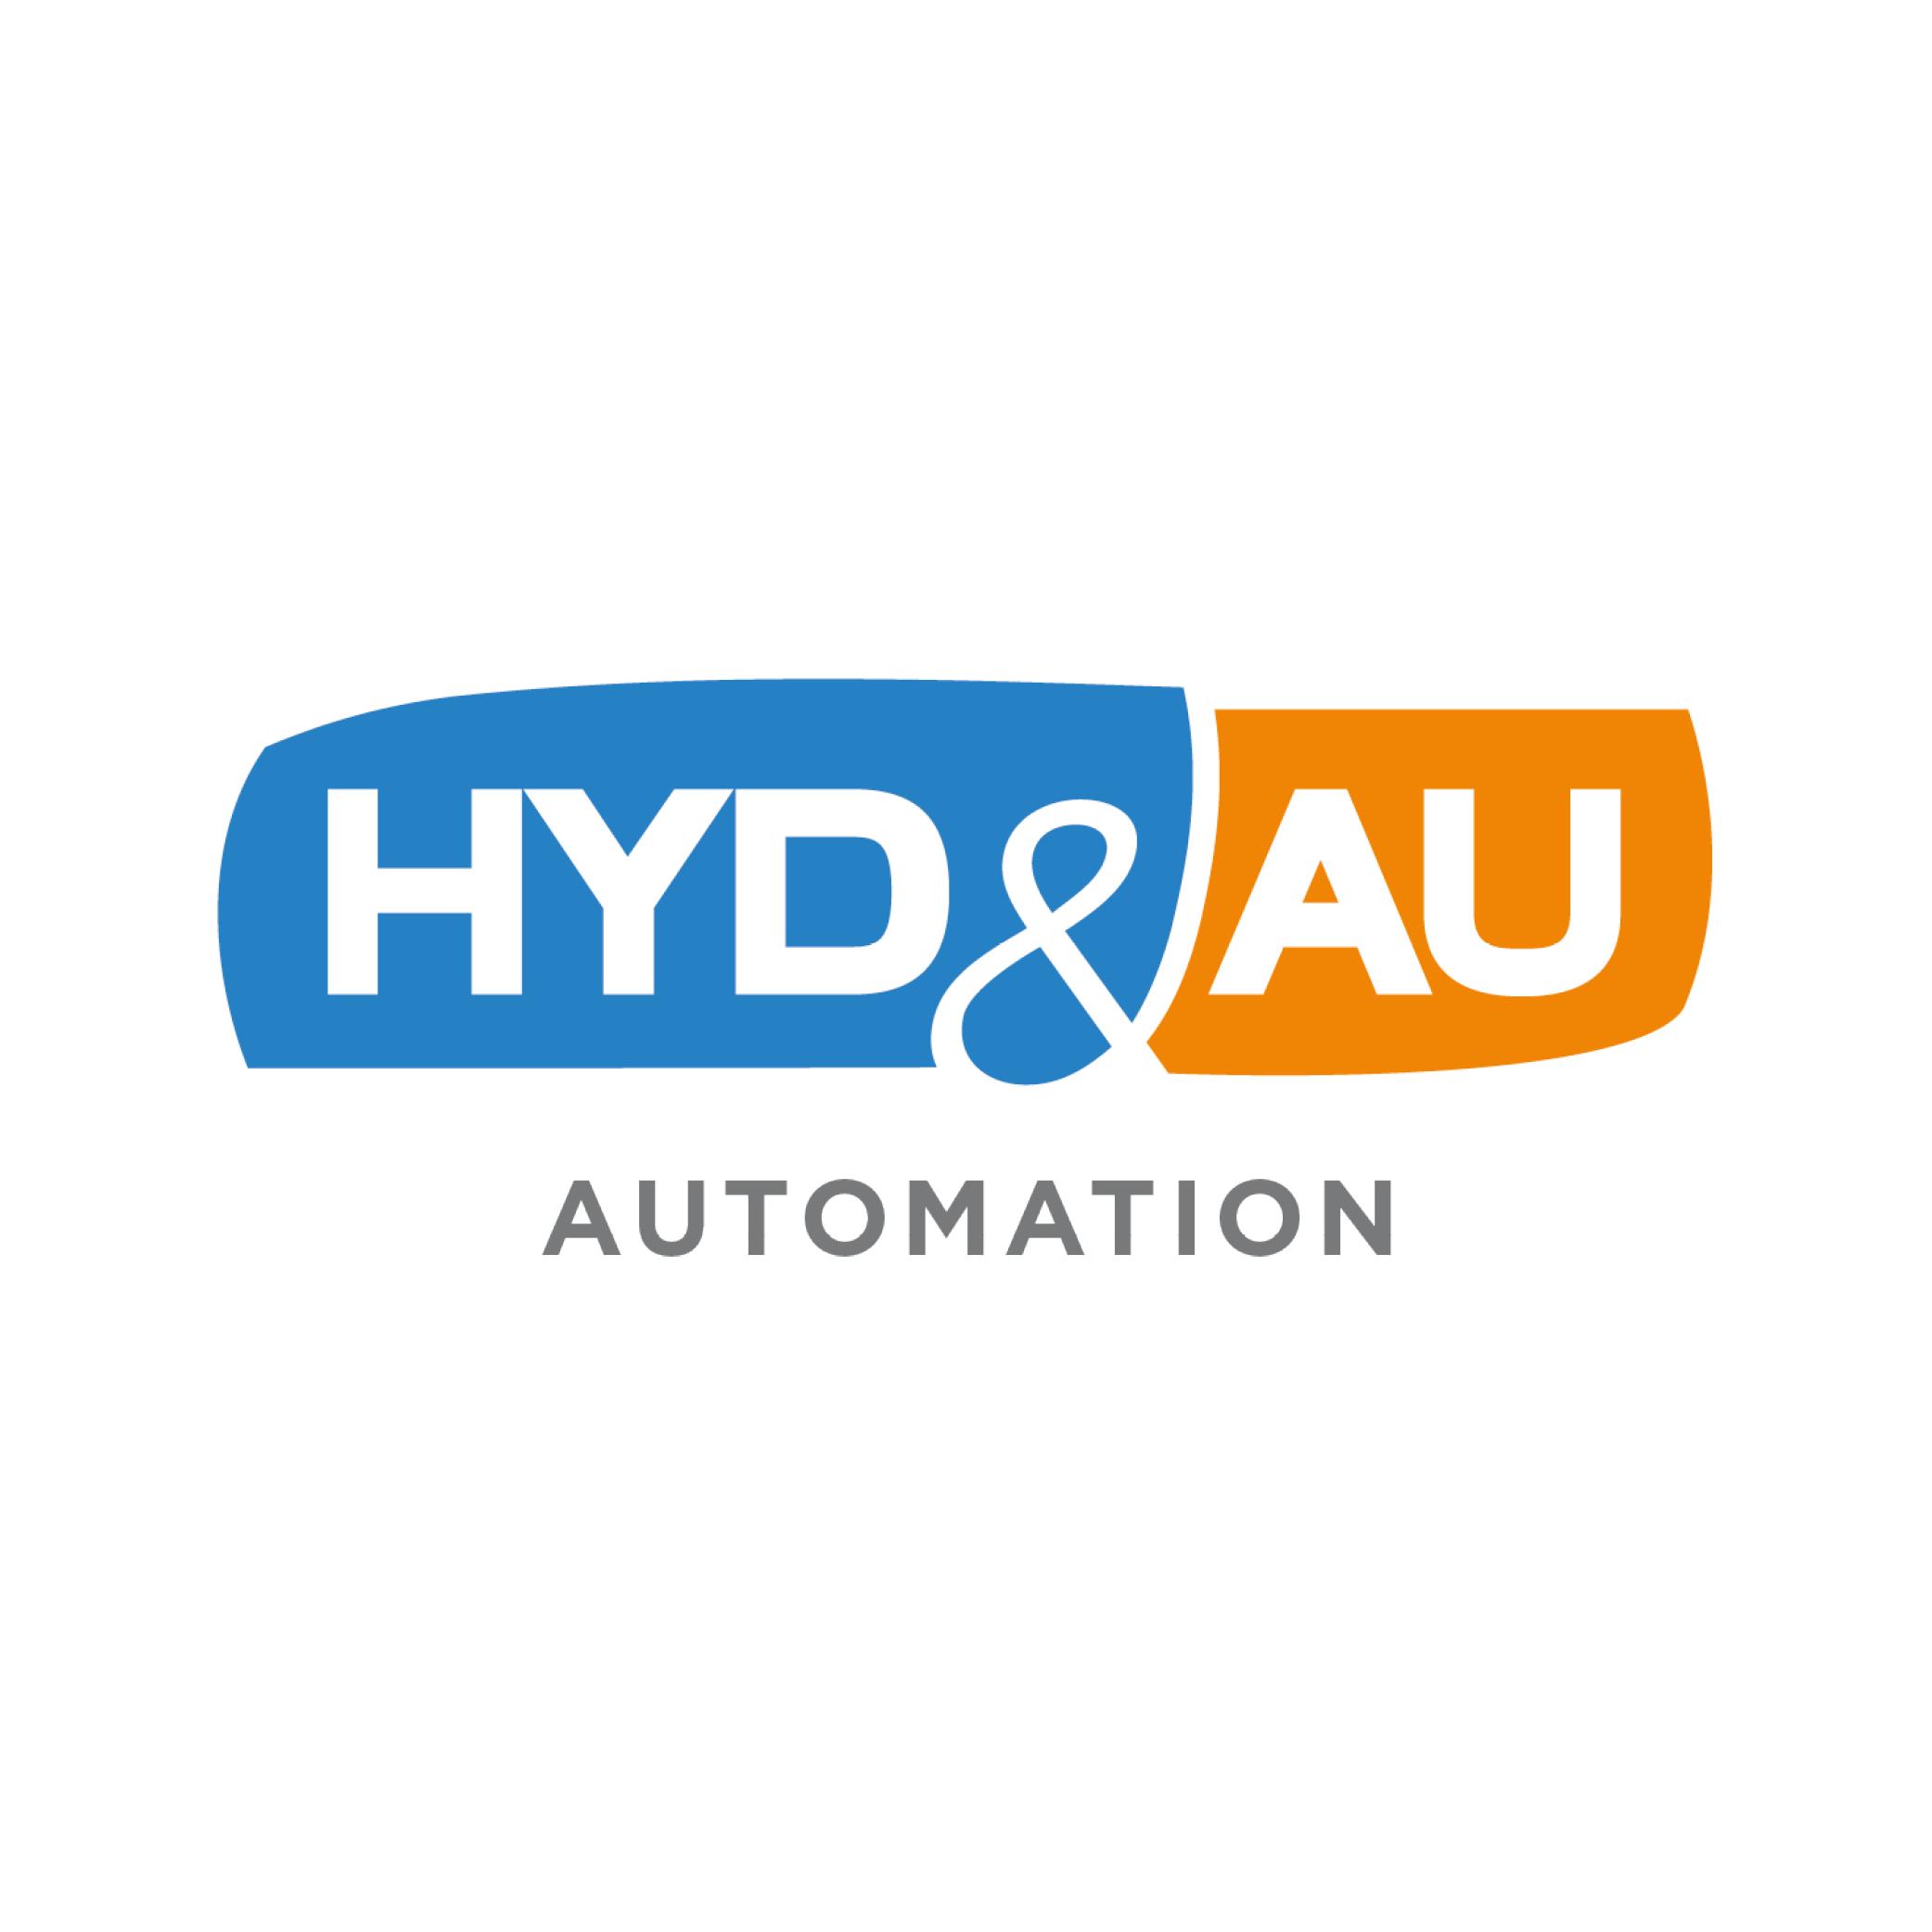 Logo HYD&AU AUTOMATION